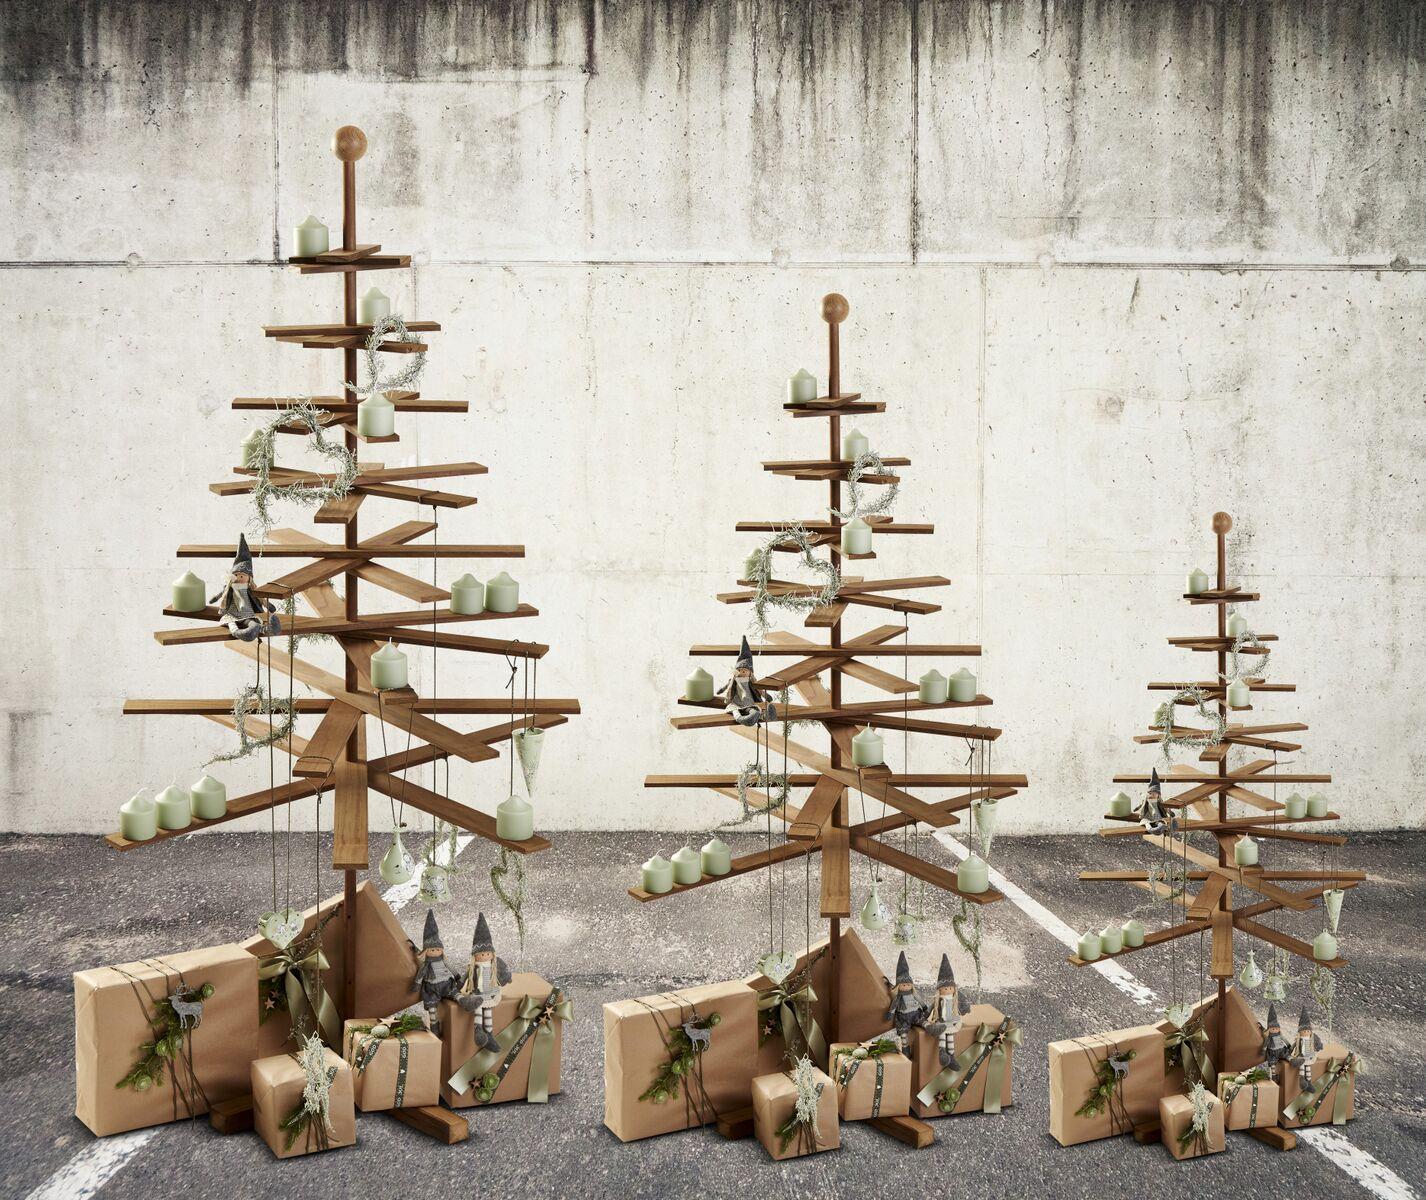 Echte Tannenbaum Kaufen.Skandinavischer Designer Weihnachtsbaum Aus Holz Von Habitree